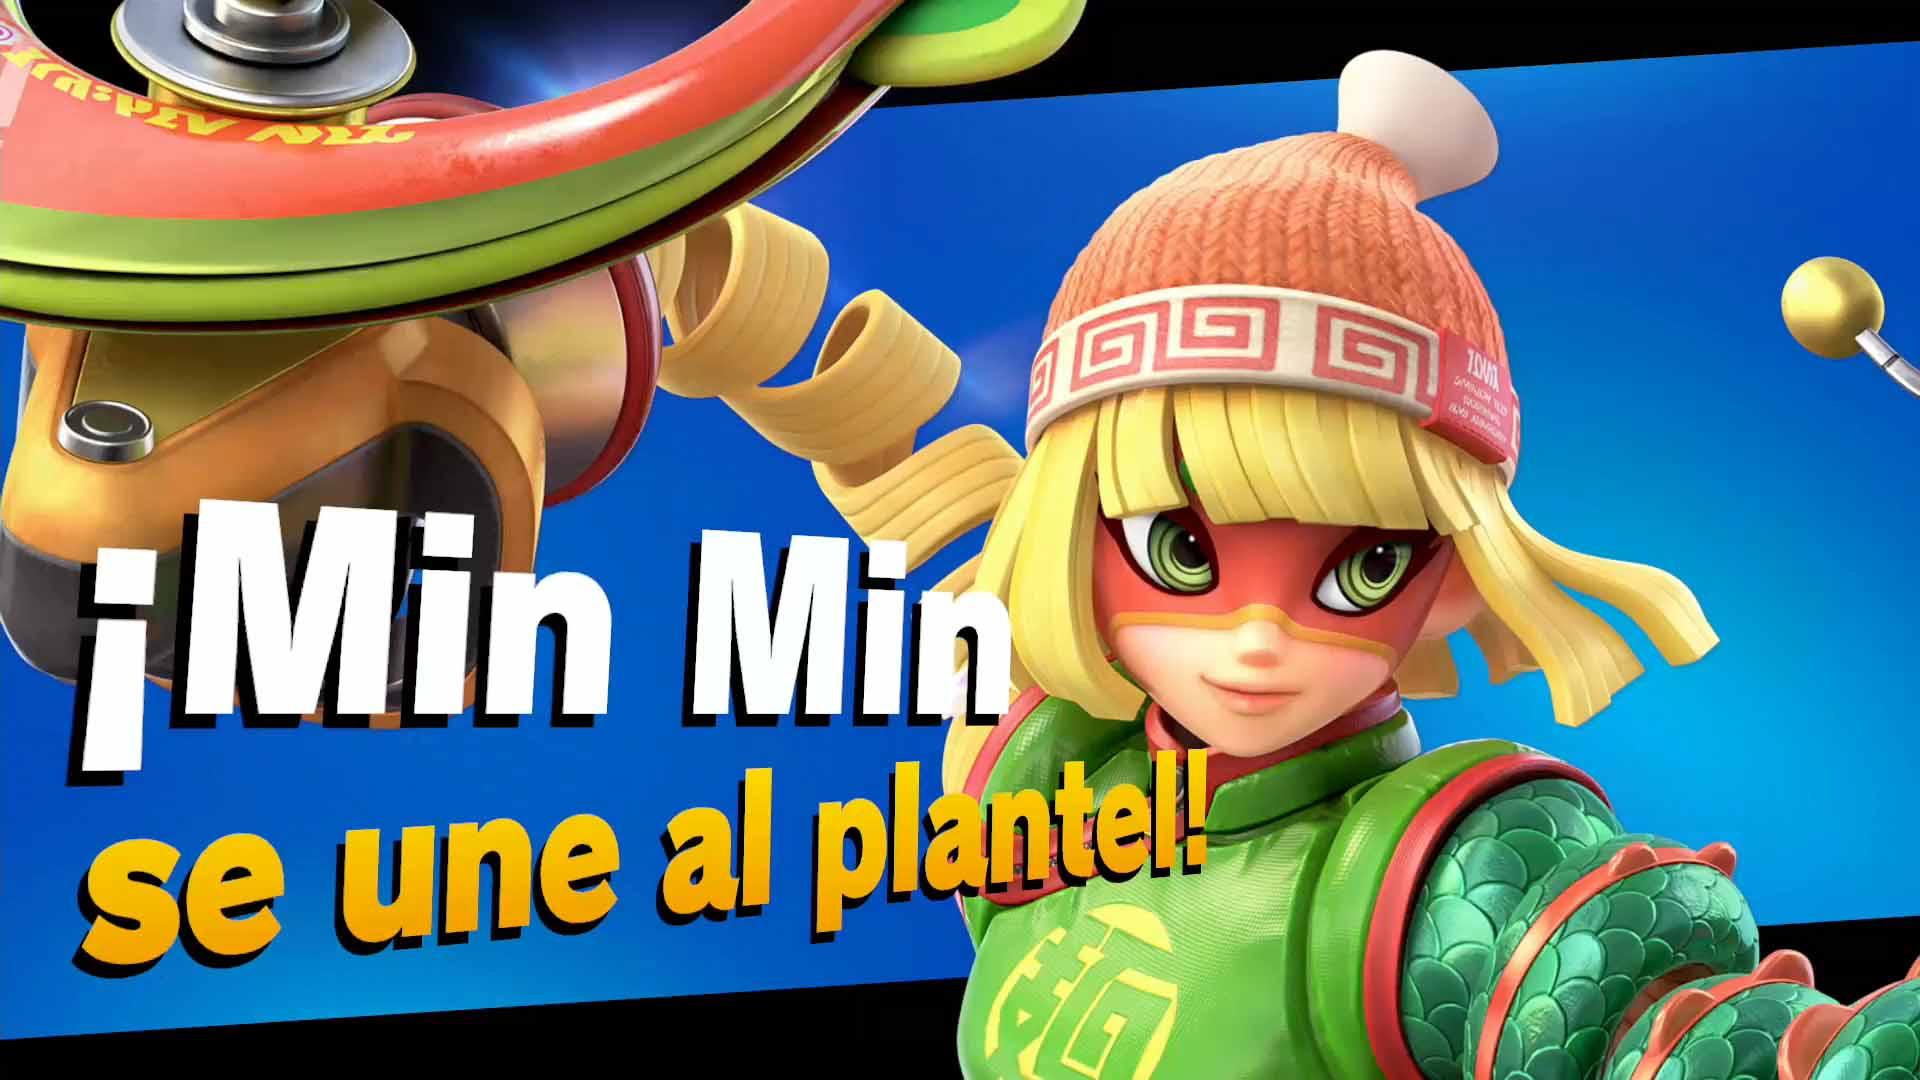 impresiones Min Min en Super Smash Bros. Ultimate